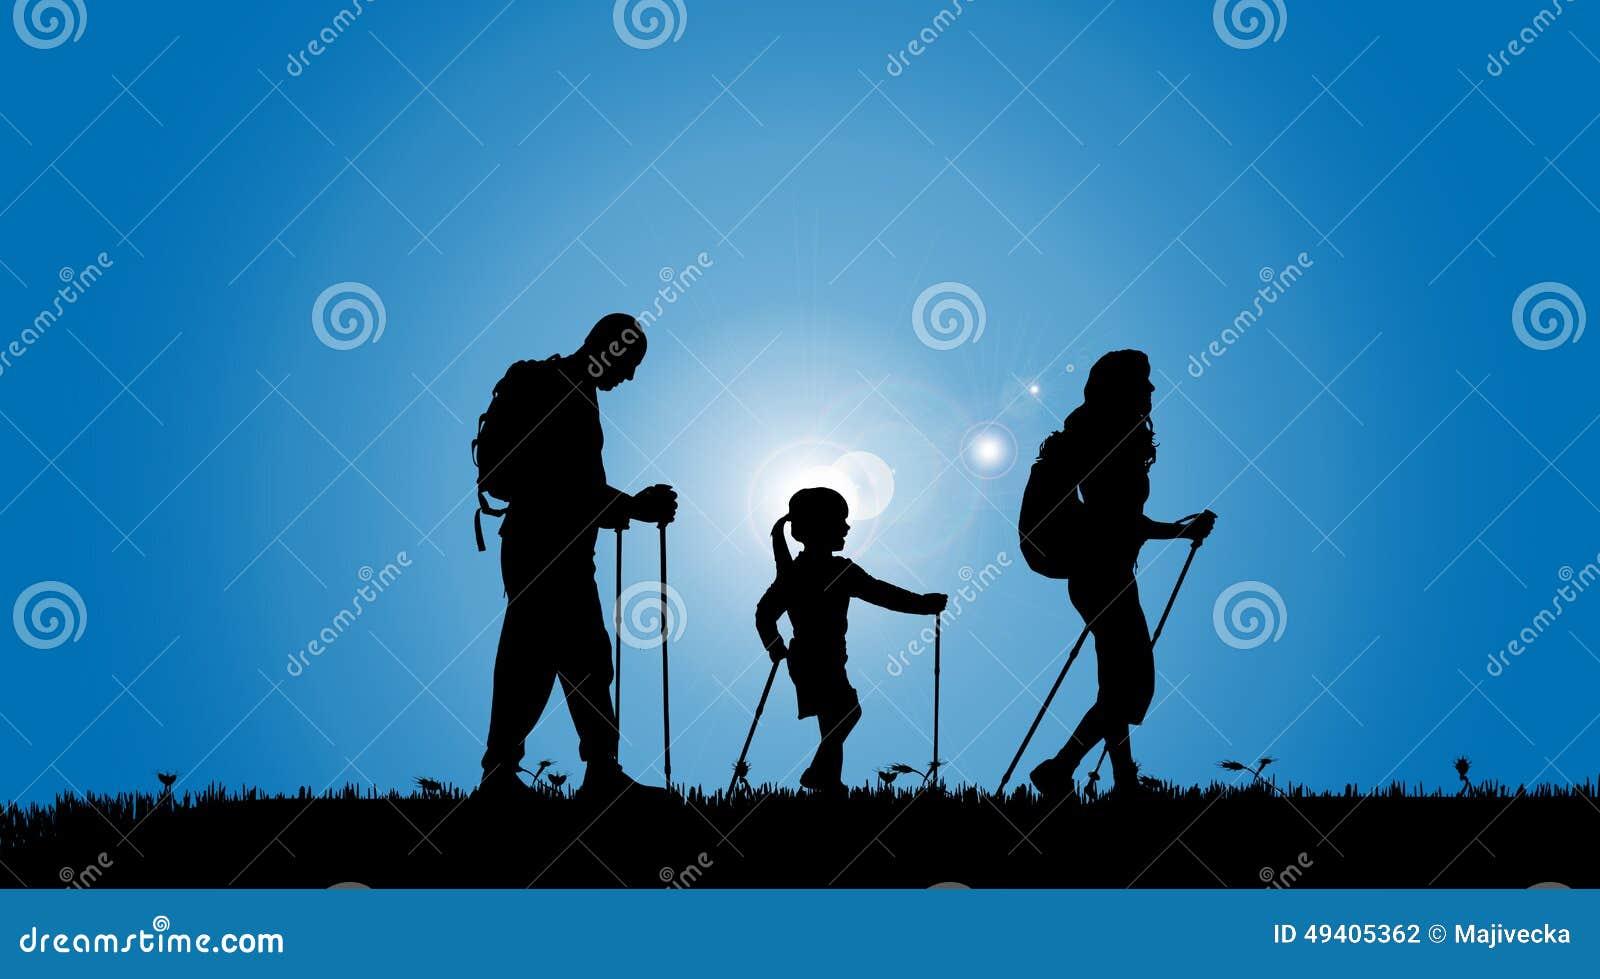 Download Vektorschattenbild Einer Familie Vektor Abbildung - Illustration von rucksack, outdoor: 49405362